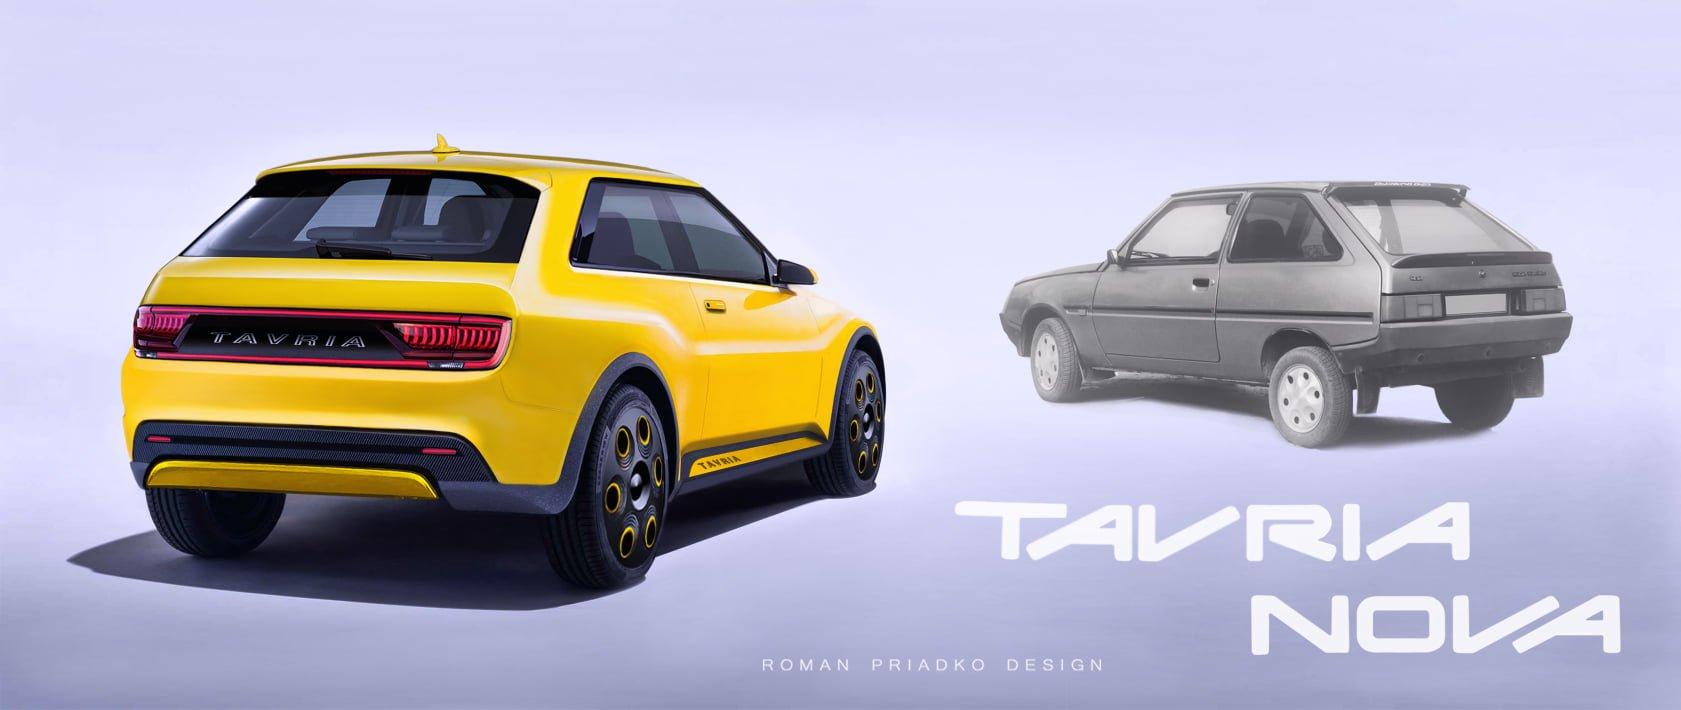 Новый украинский электромобиль показали на фото: ZAZ Tavria 2021 1